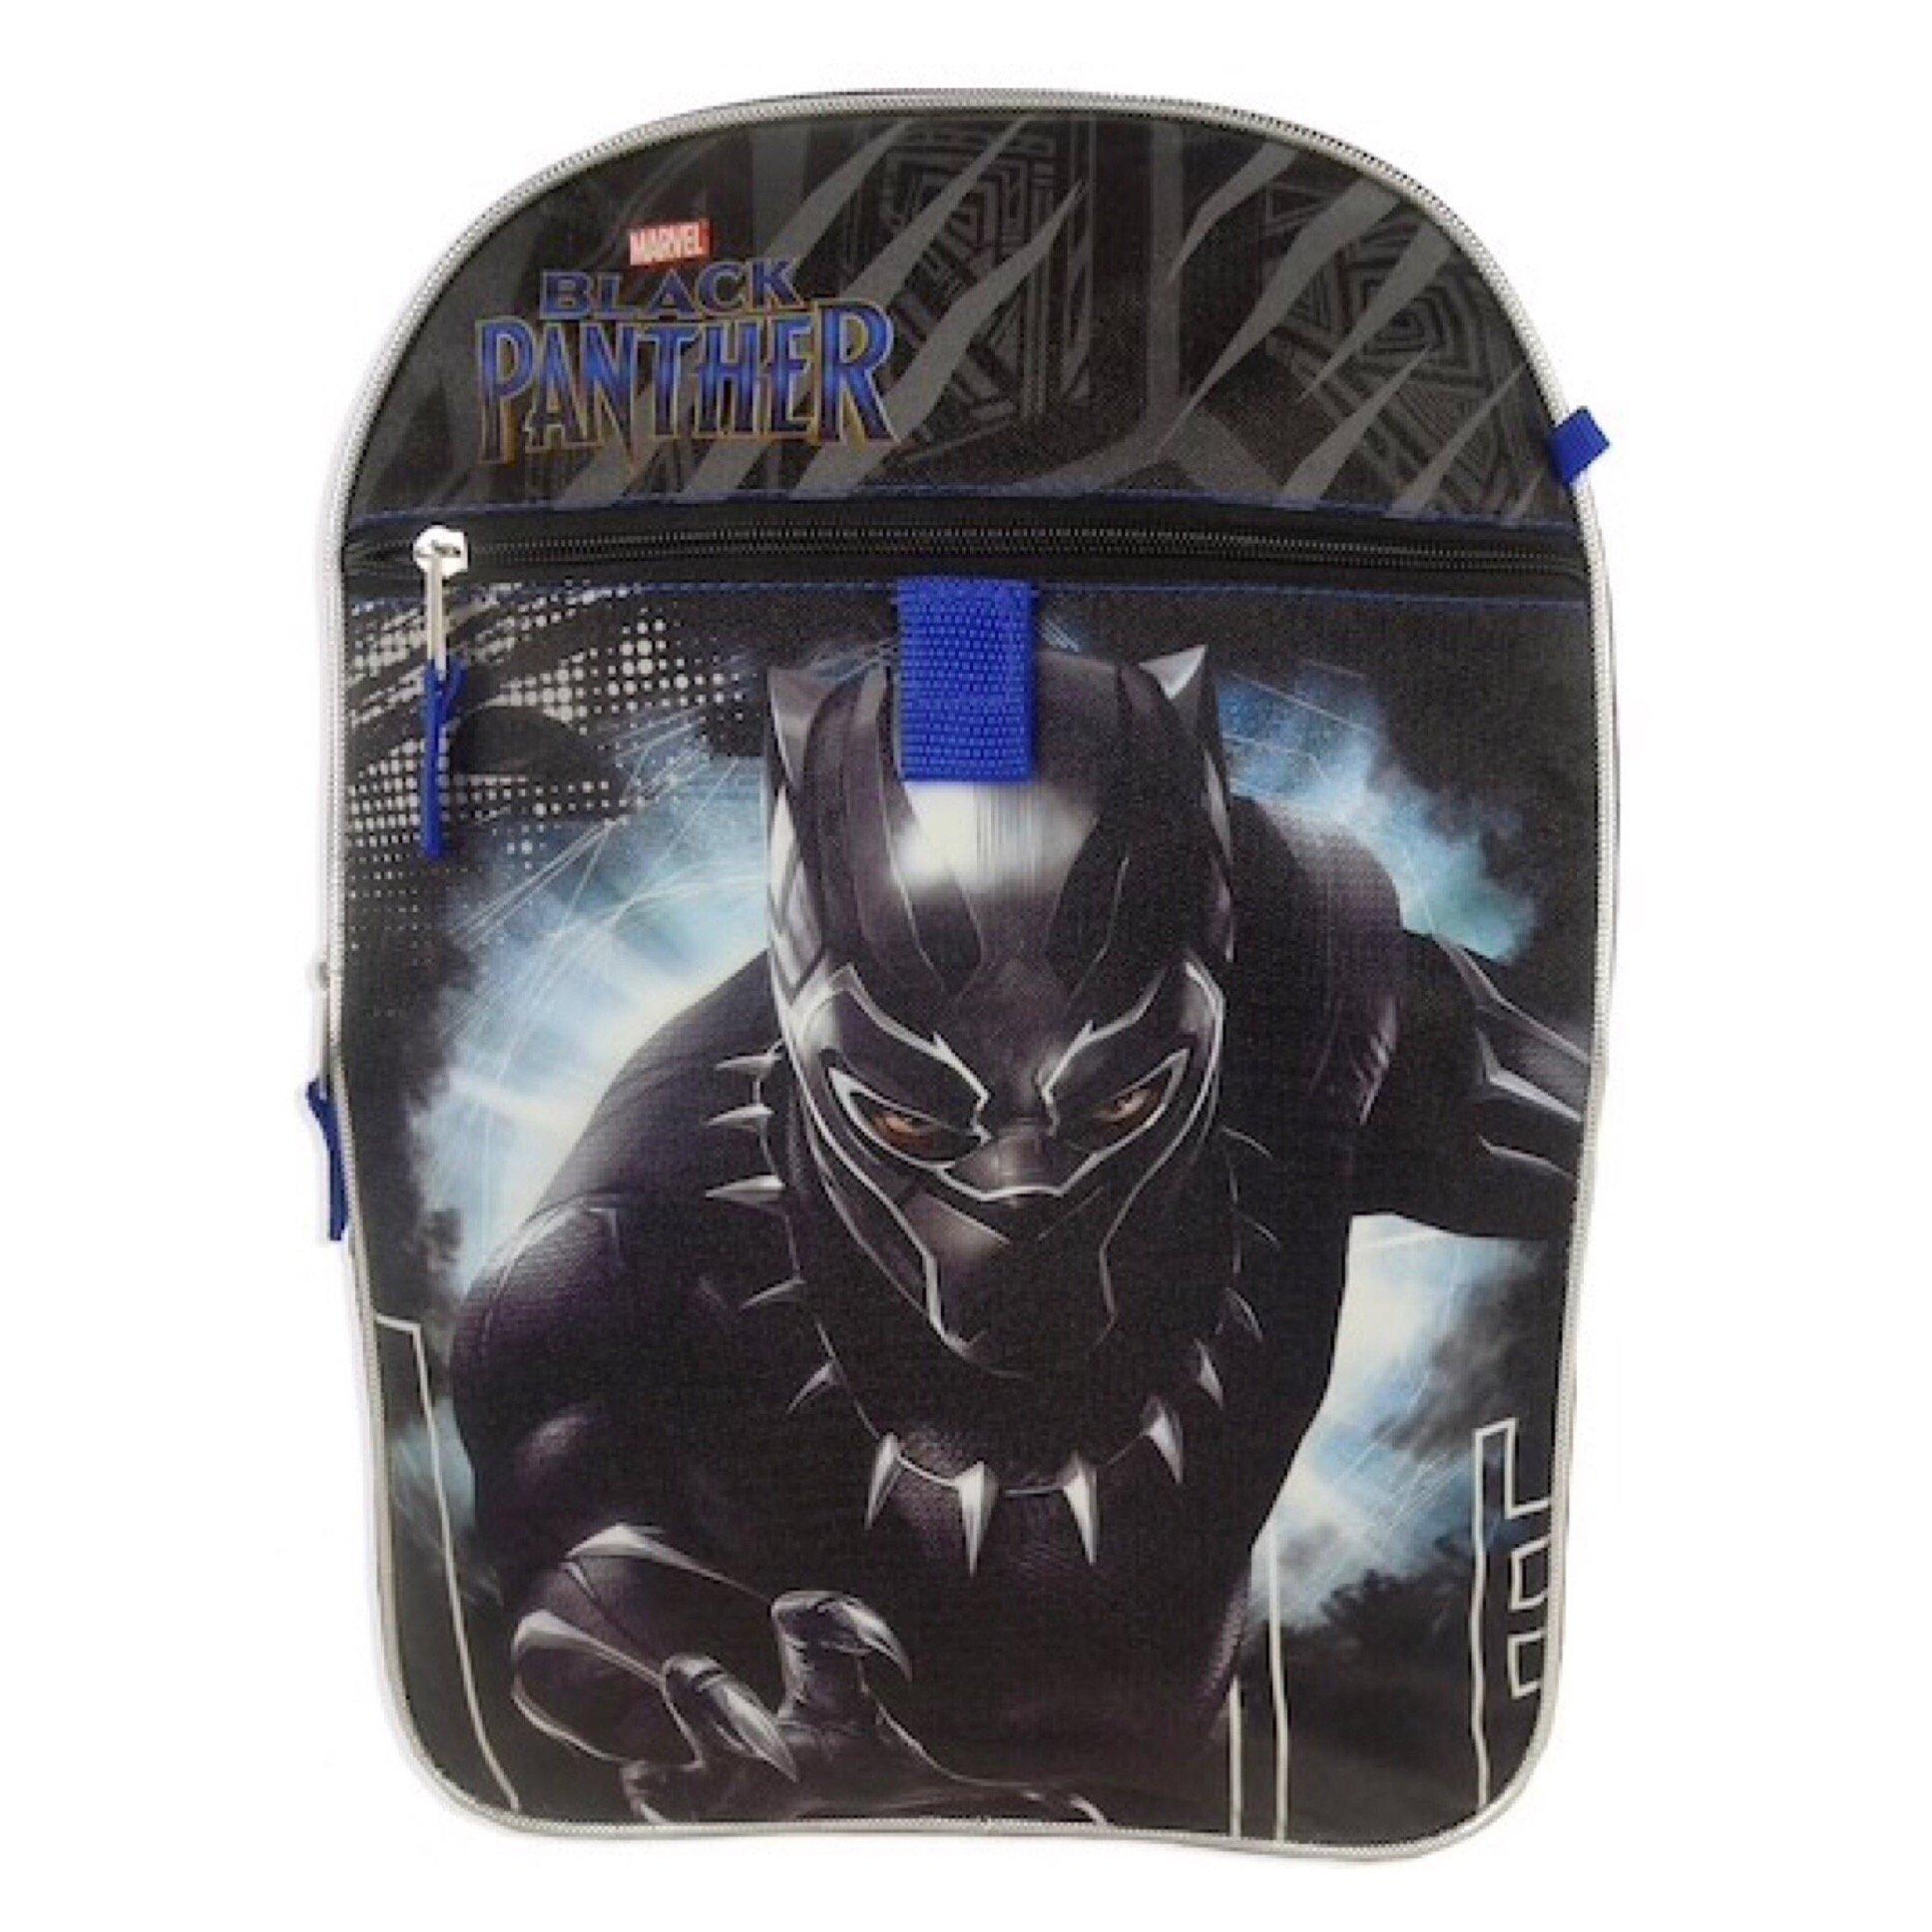 Kids - Marvel Black Panther Backpack, Lunchbox, Pencil Case, Water Bottle & Carabiner Set by Black Panther (Image #2)